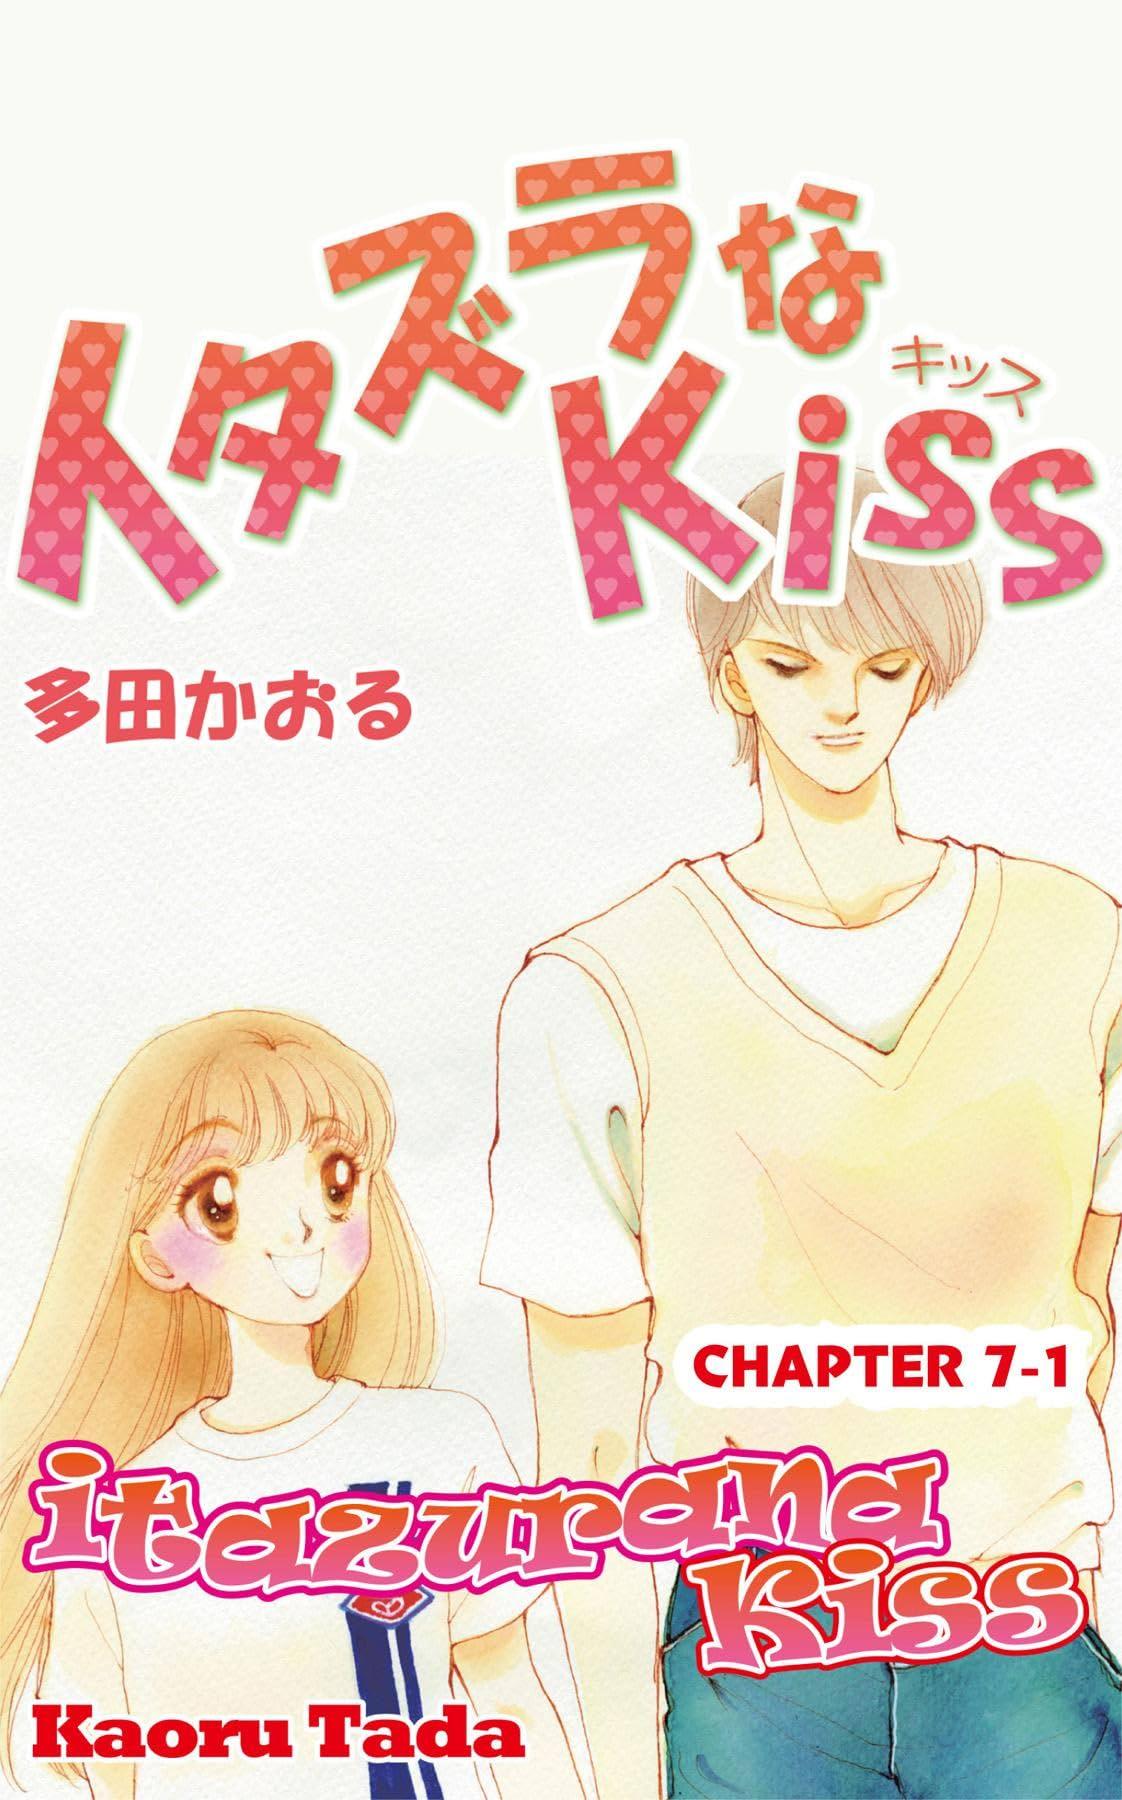 itazurana Kiss #24